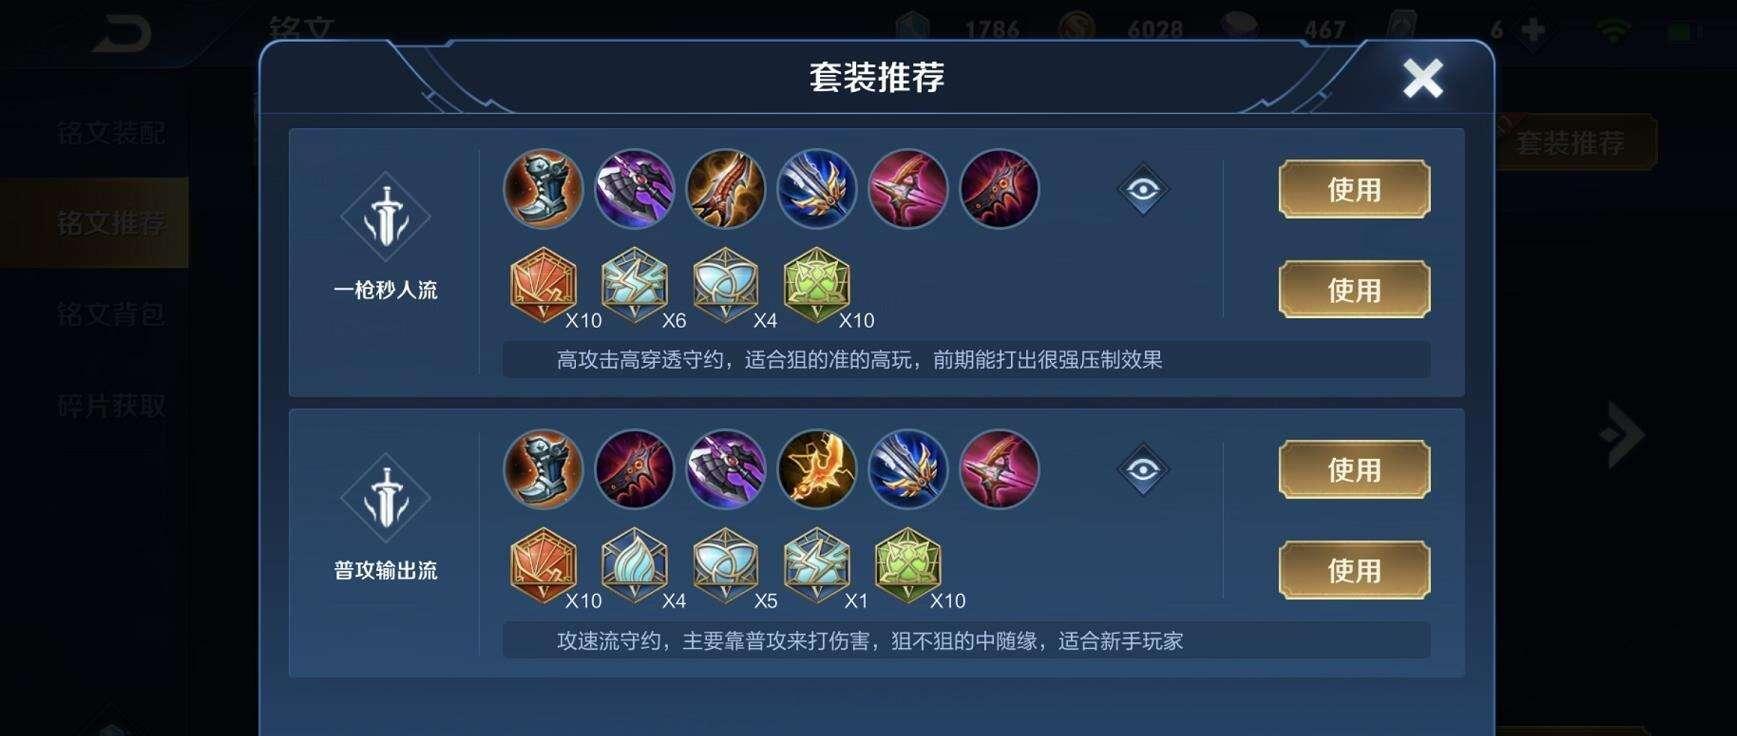 銘文系統突然更新,舊銘文將被「替代」,新手玩家迎來上分季